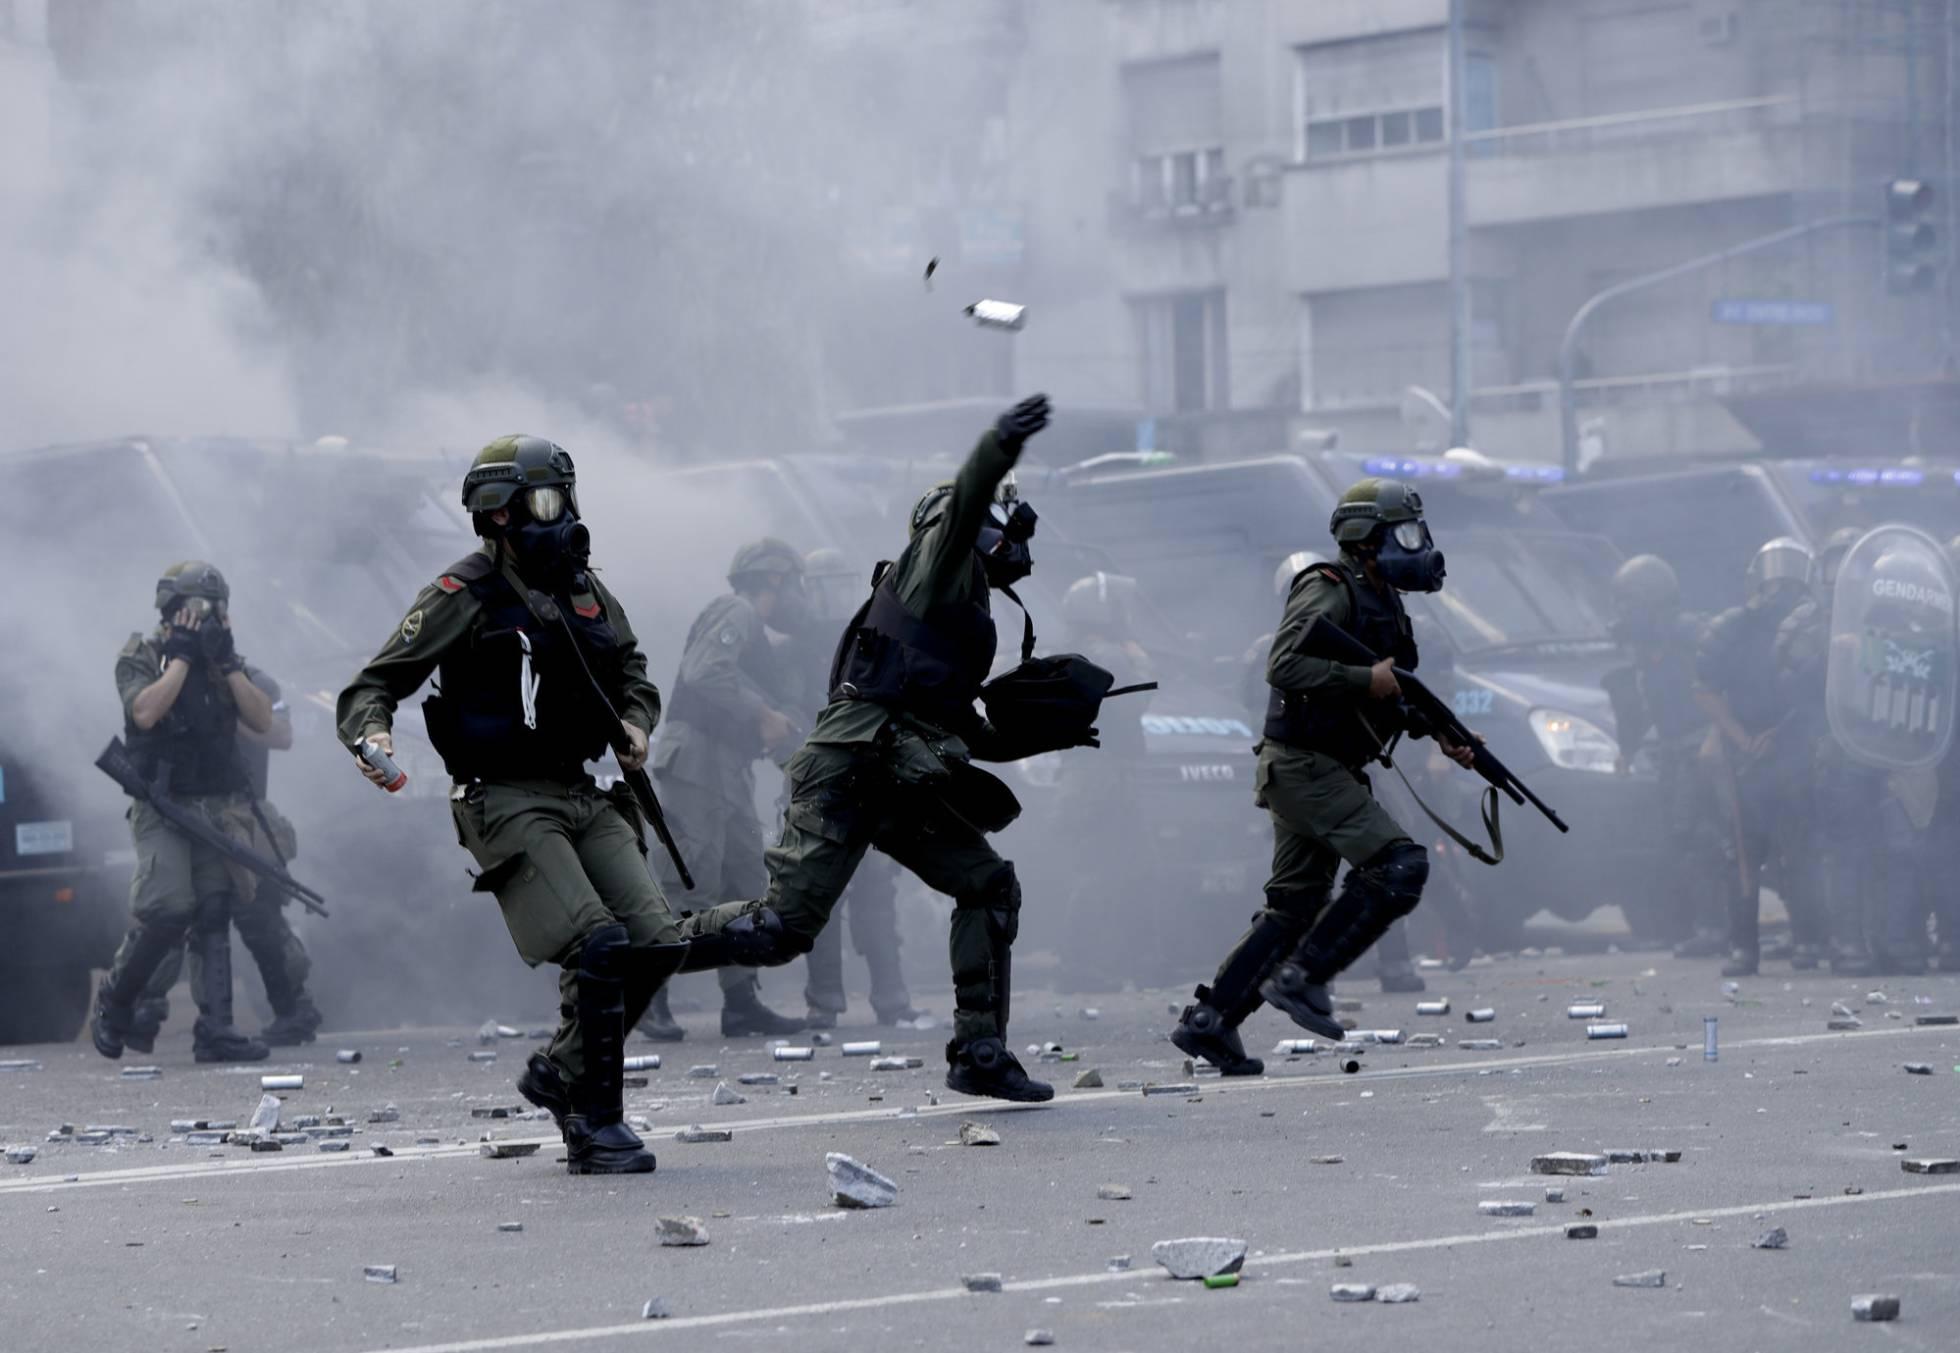 Incidentes graves levam à suspensão da reforma previdenciária na Argentina.